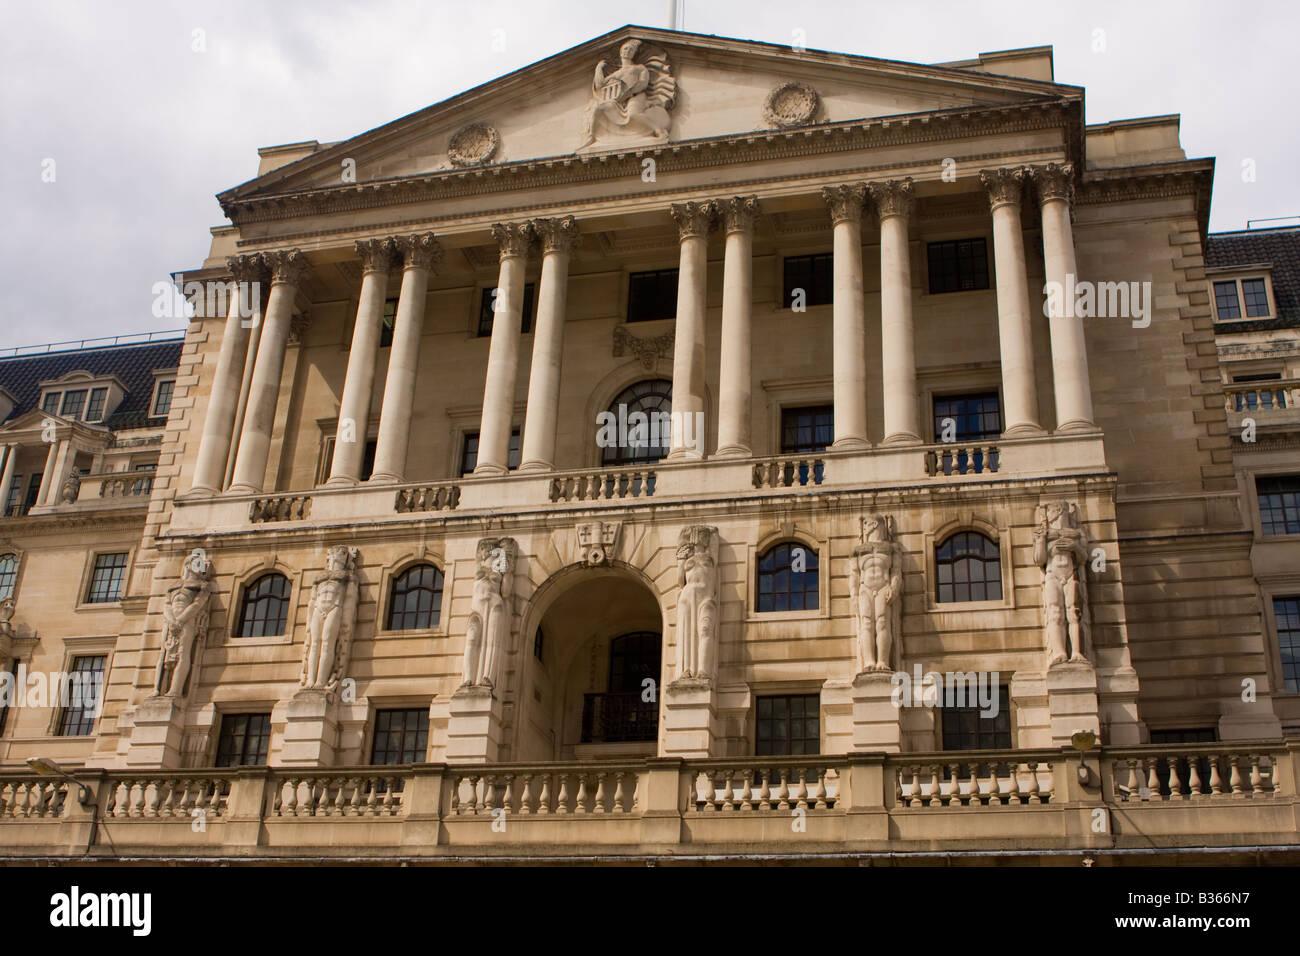 Bank of England, London, UK - Stock Image